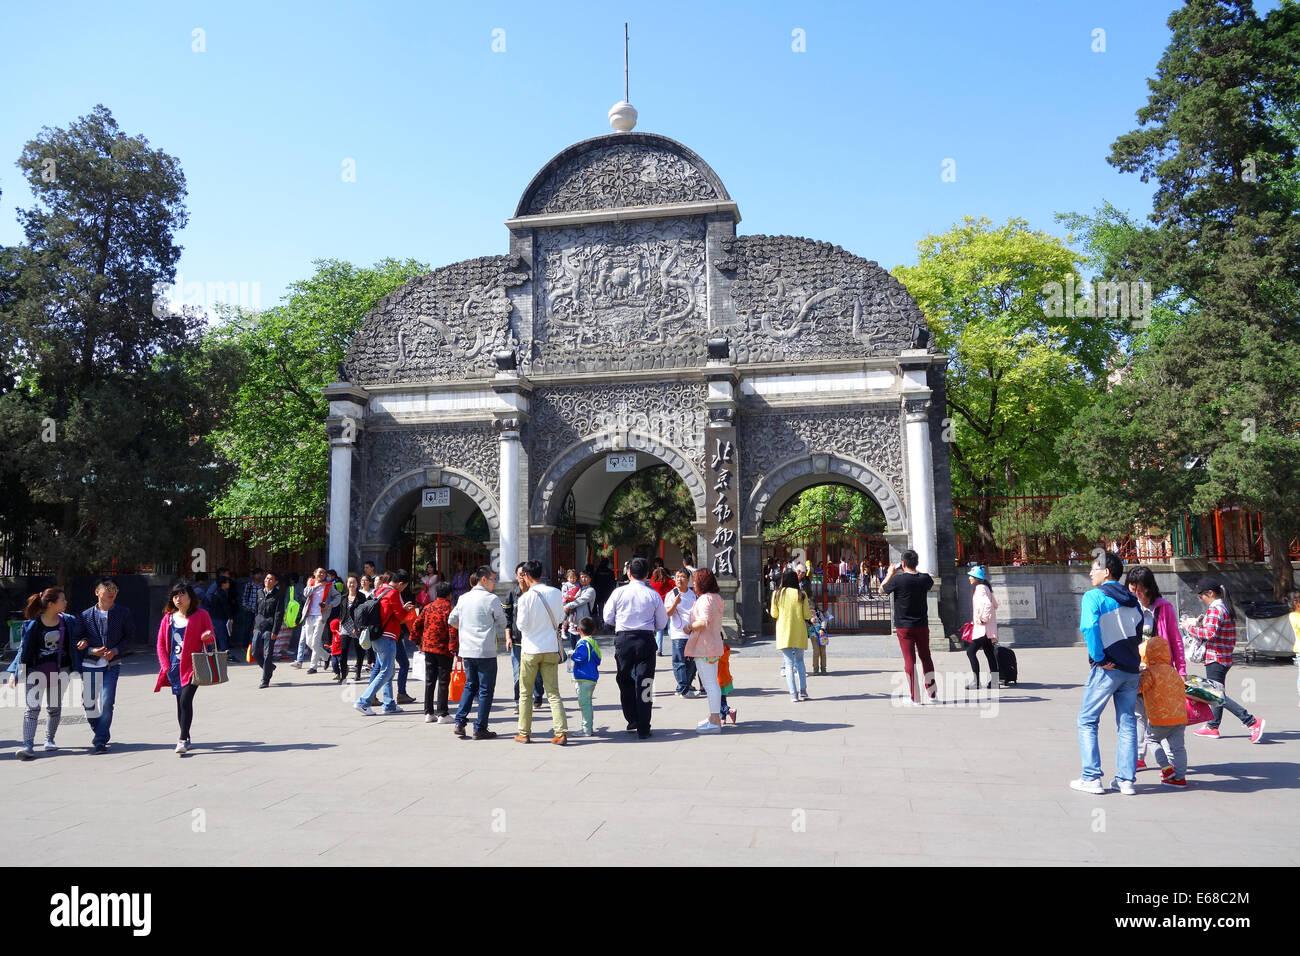 Entrée du Zoo de Beijing, Chine, district de Xicheng Photo Stock